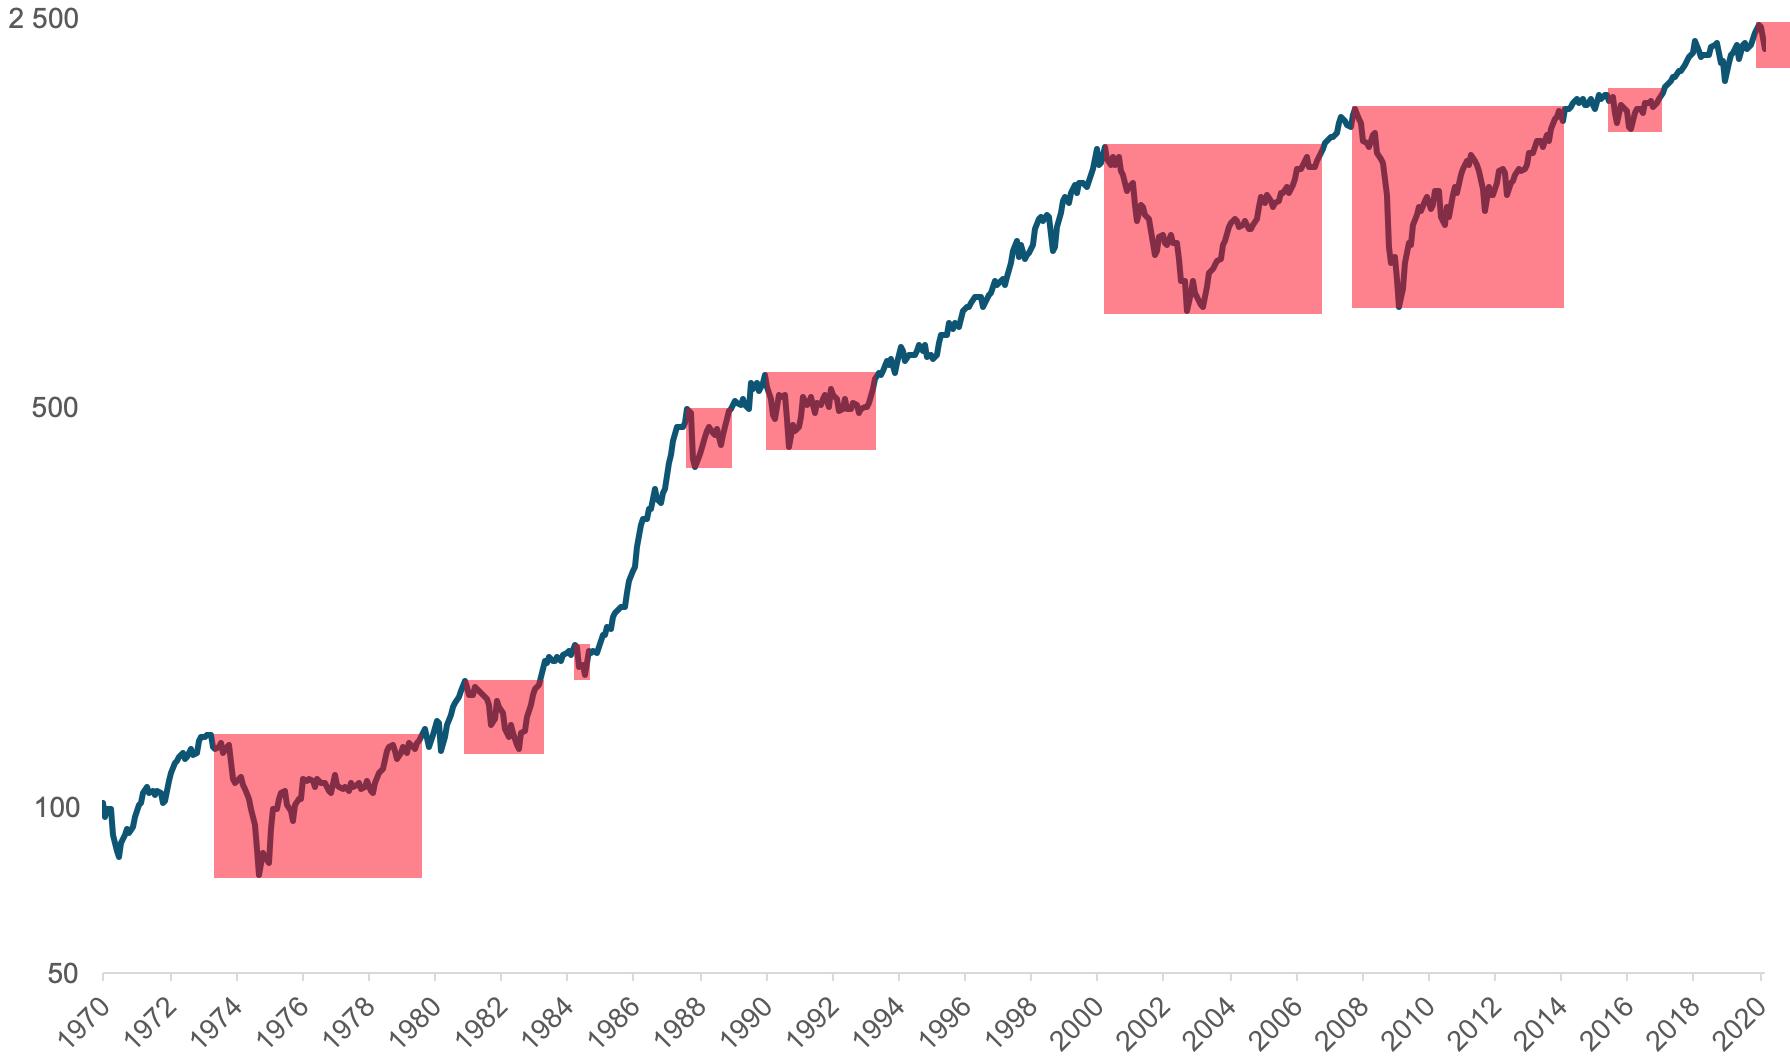 Her ser du utviklingen i det globale aksjemarkedet fra 1970 til 20. april 2020. Merk deg hvor bratt oppgangen kan være etter dype børsfall som er markert i rødt.